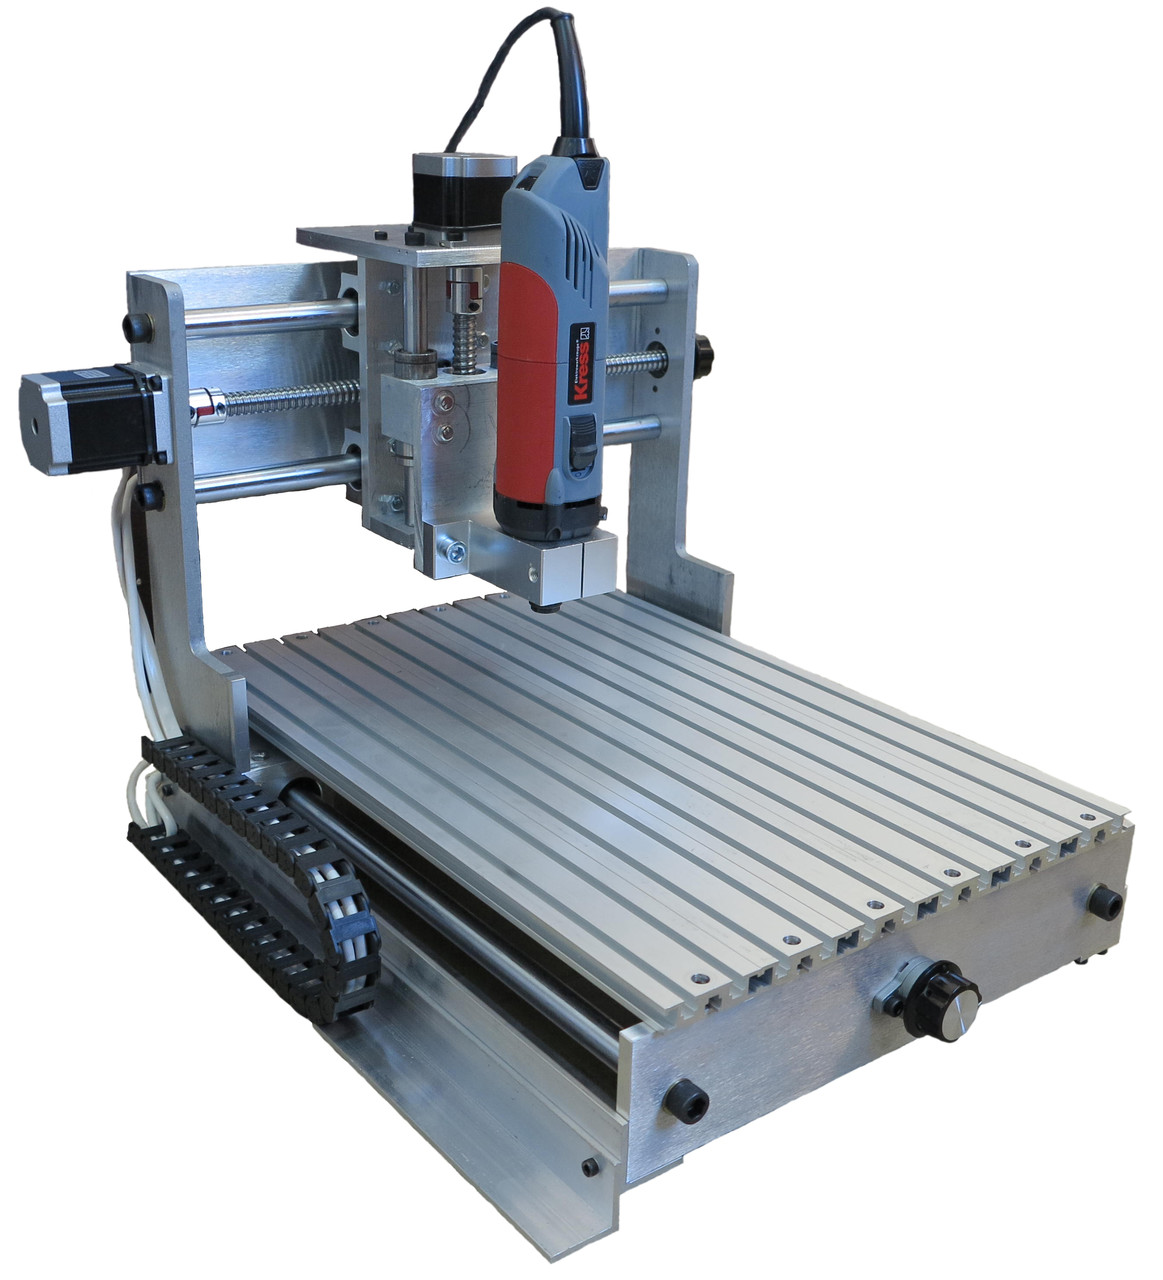 Настольные фрезерные станки: устройство горизонтально-фрезерных и сверлильно-фрезерных, токарно-фрезерных станков и мини-фрезеров, других моделей